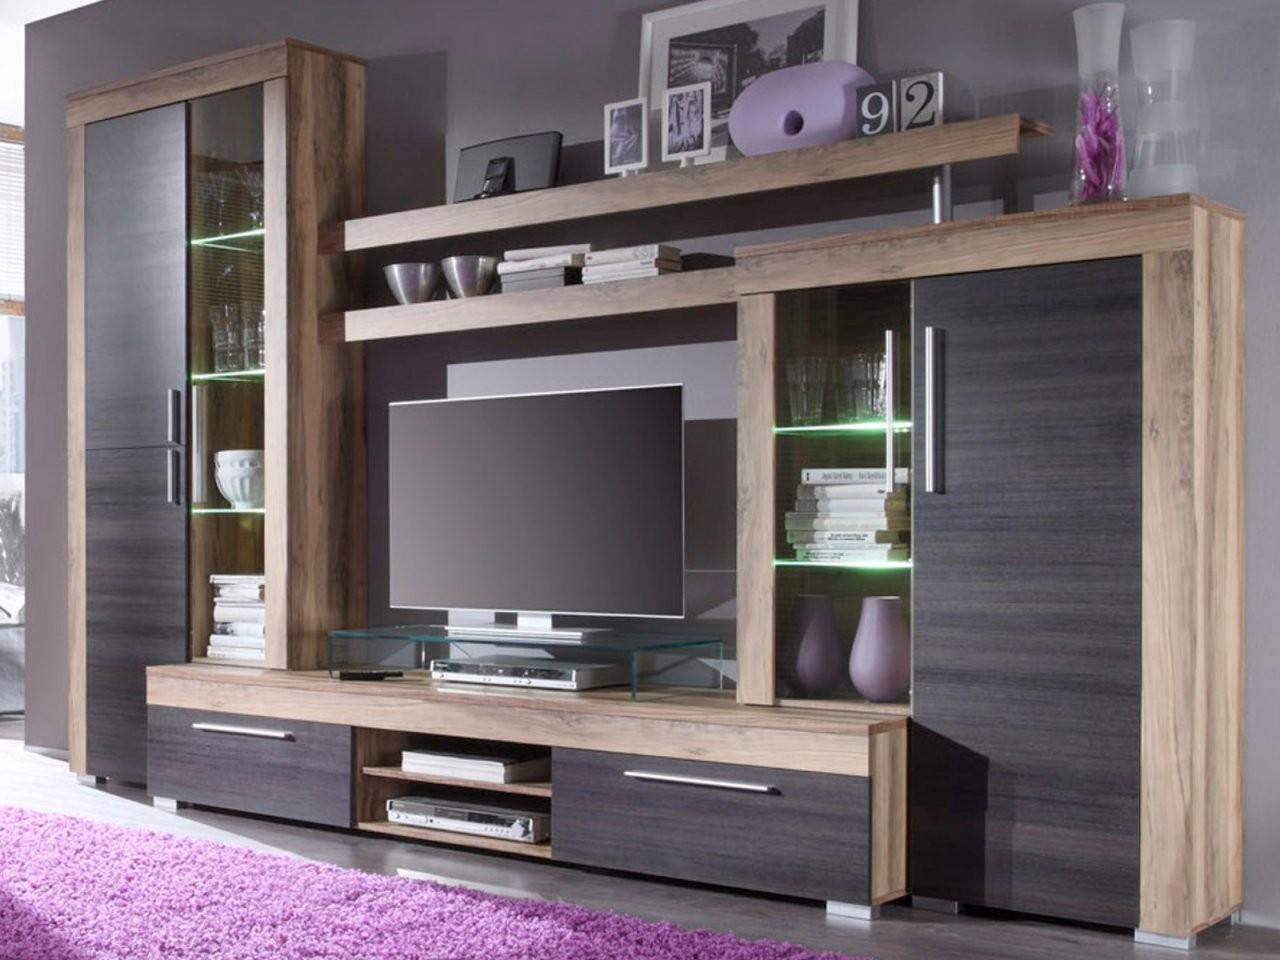 Wohnwand Schrankwand Boom Nussbaum Touchwood  Designermöbel von Wohnwand Auf Rechnung Als Neukunde Bild